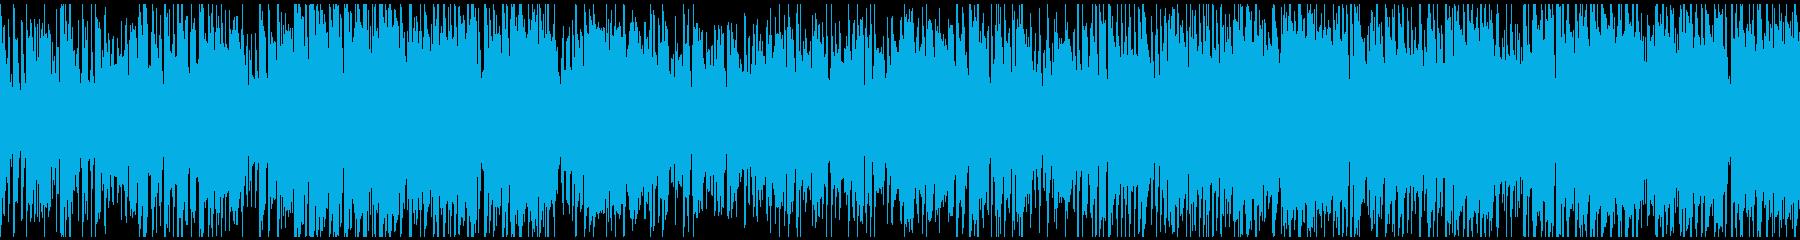 ワクワク楽しいジャズファンク!※ループ版の再生済みの波形